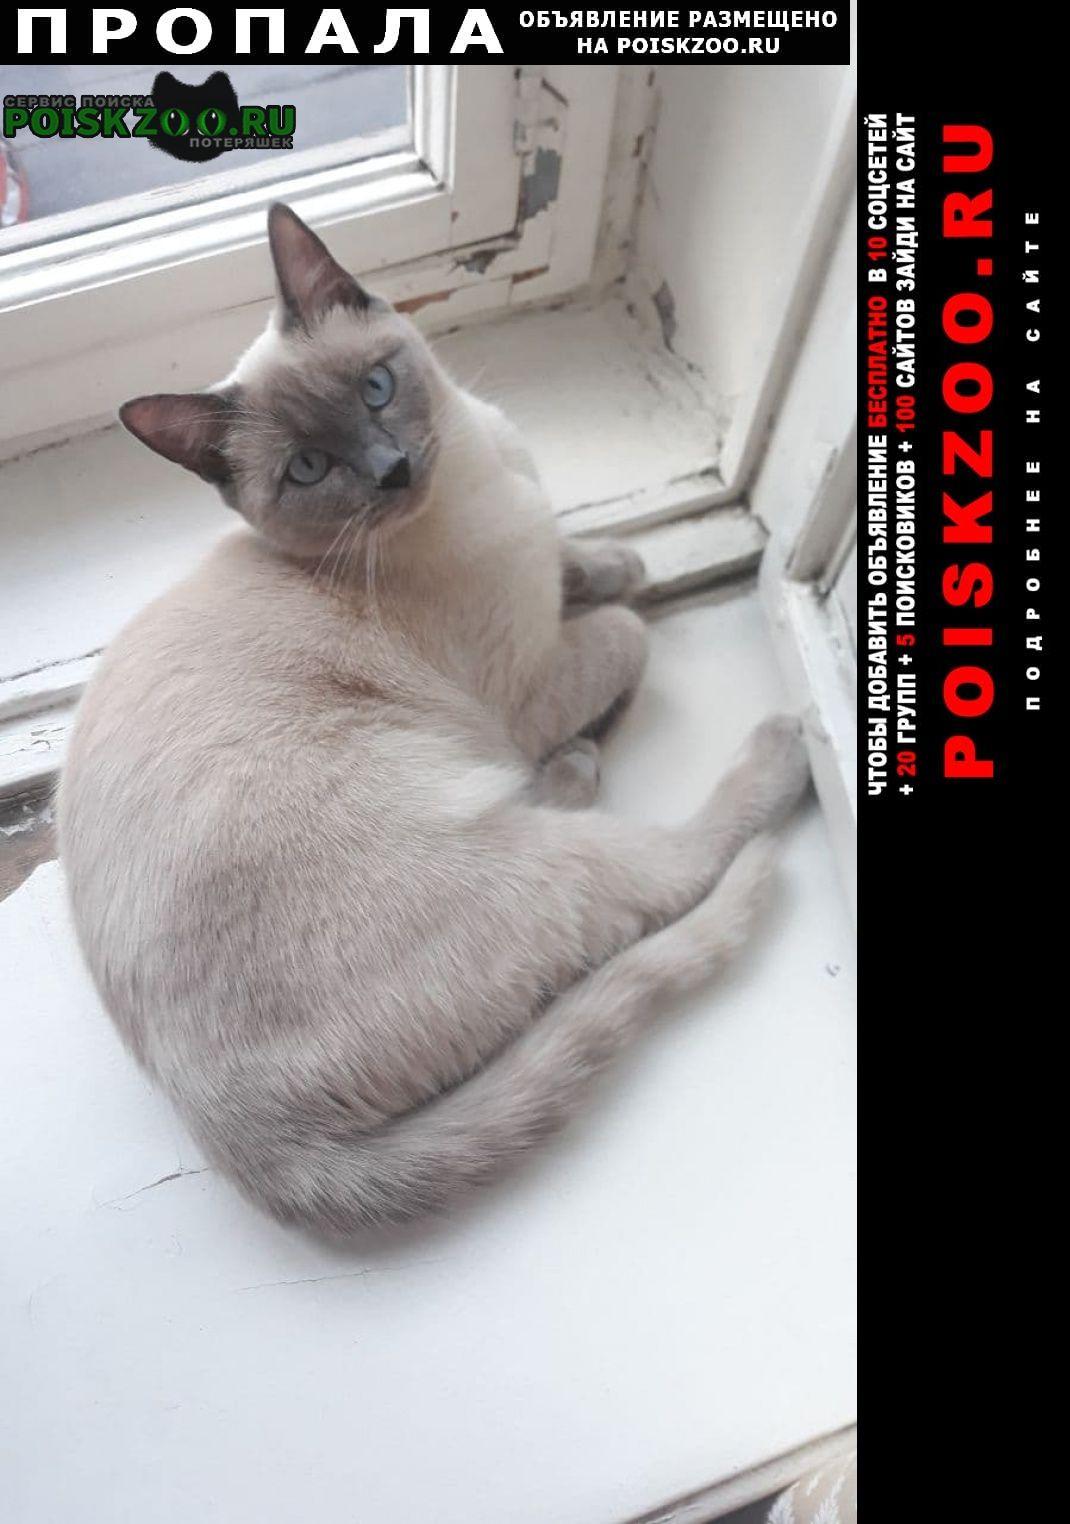 Пропала кошка вознаграждение гарантировано Санкт-Петербург